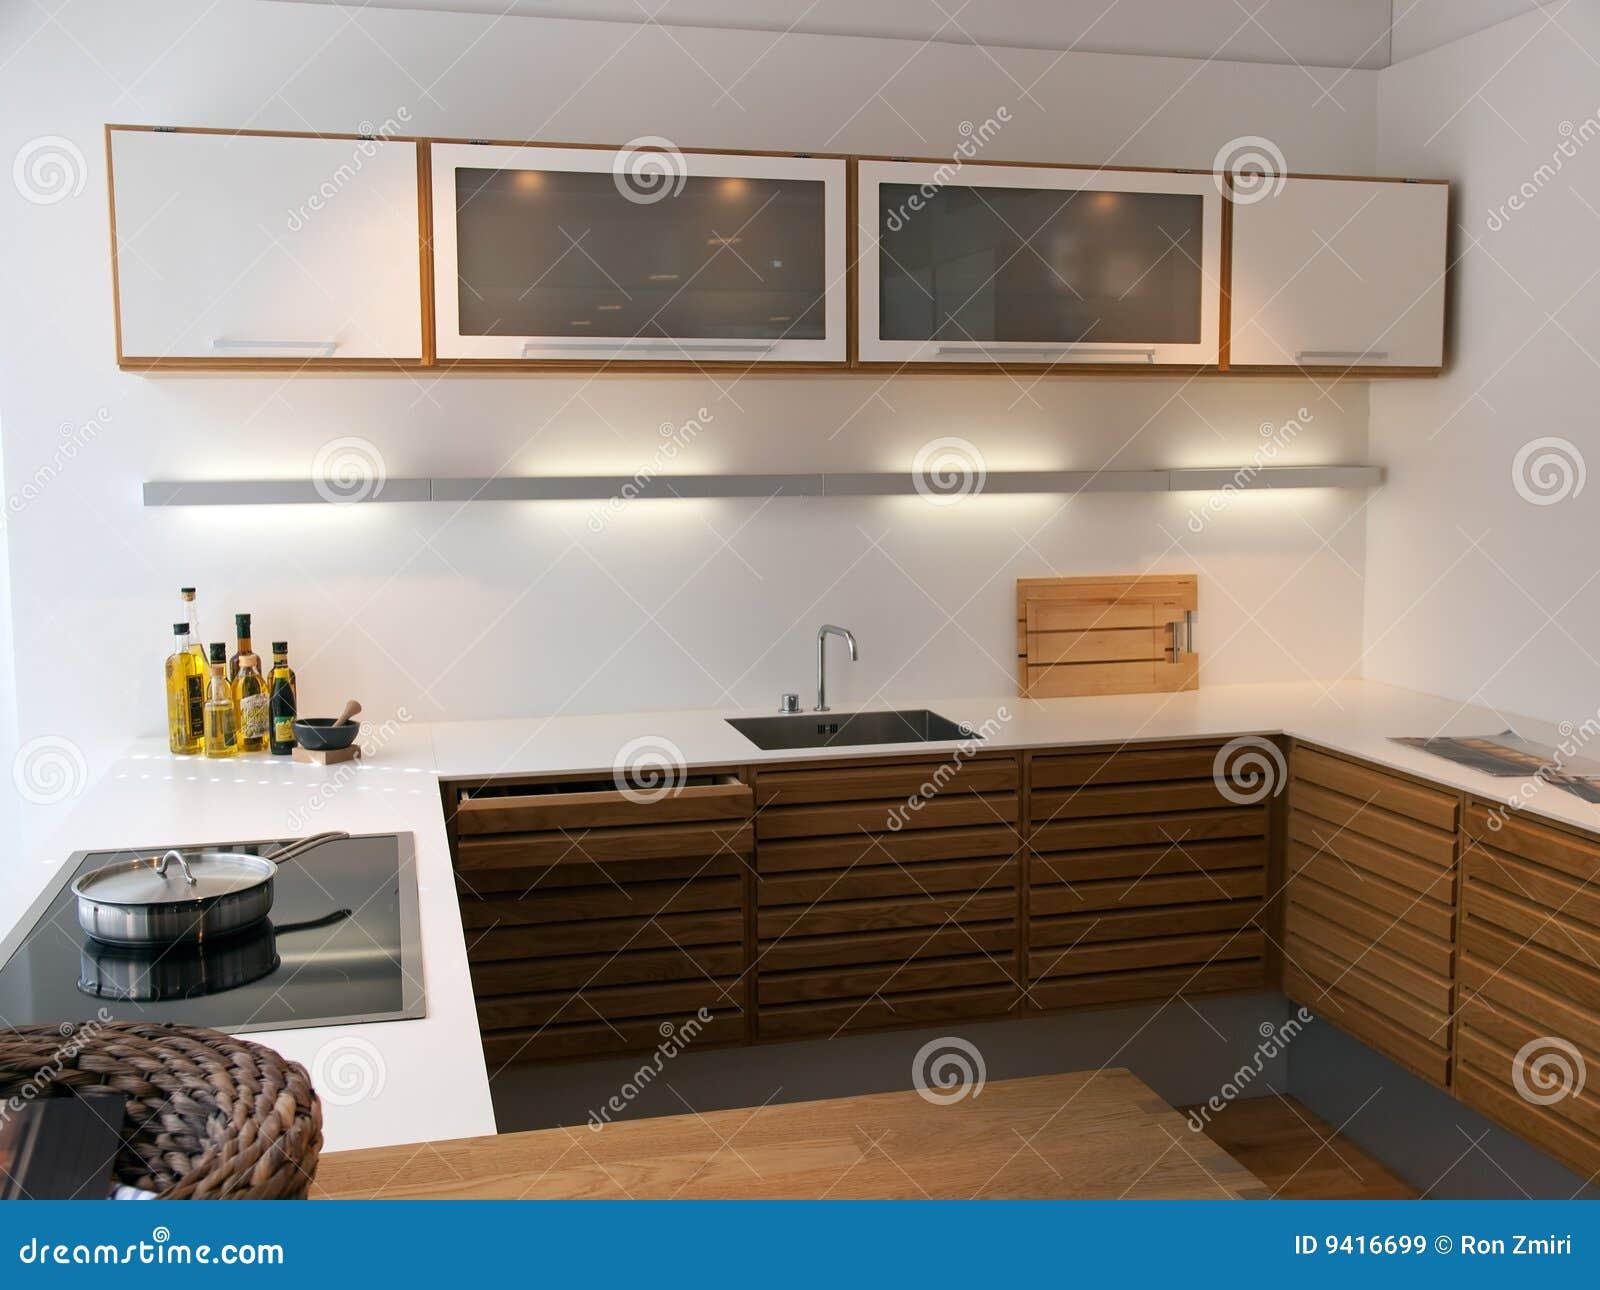 Cozinha De Madeira Imagens de Stock Royalty Free Imagem: 9416699 #A3A427 1300 1065